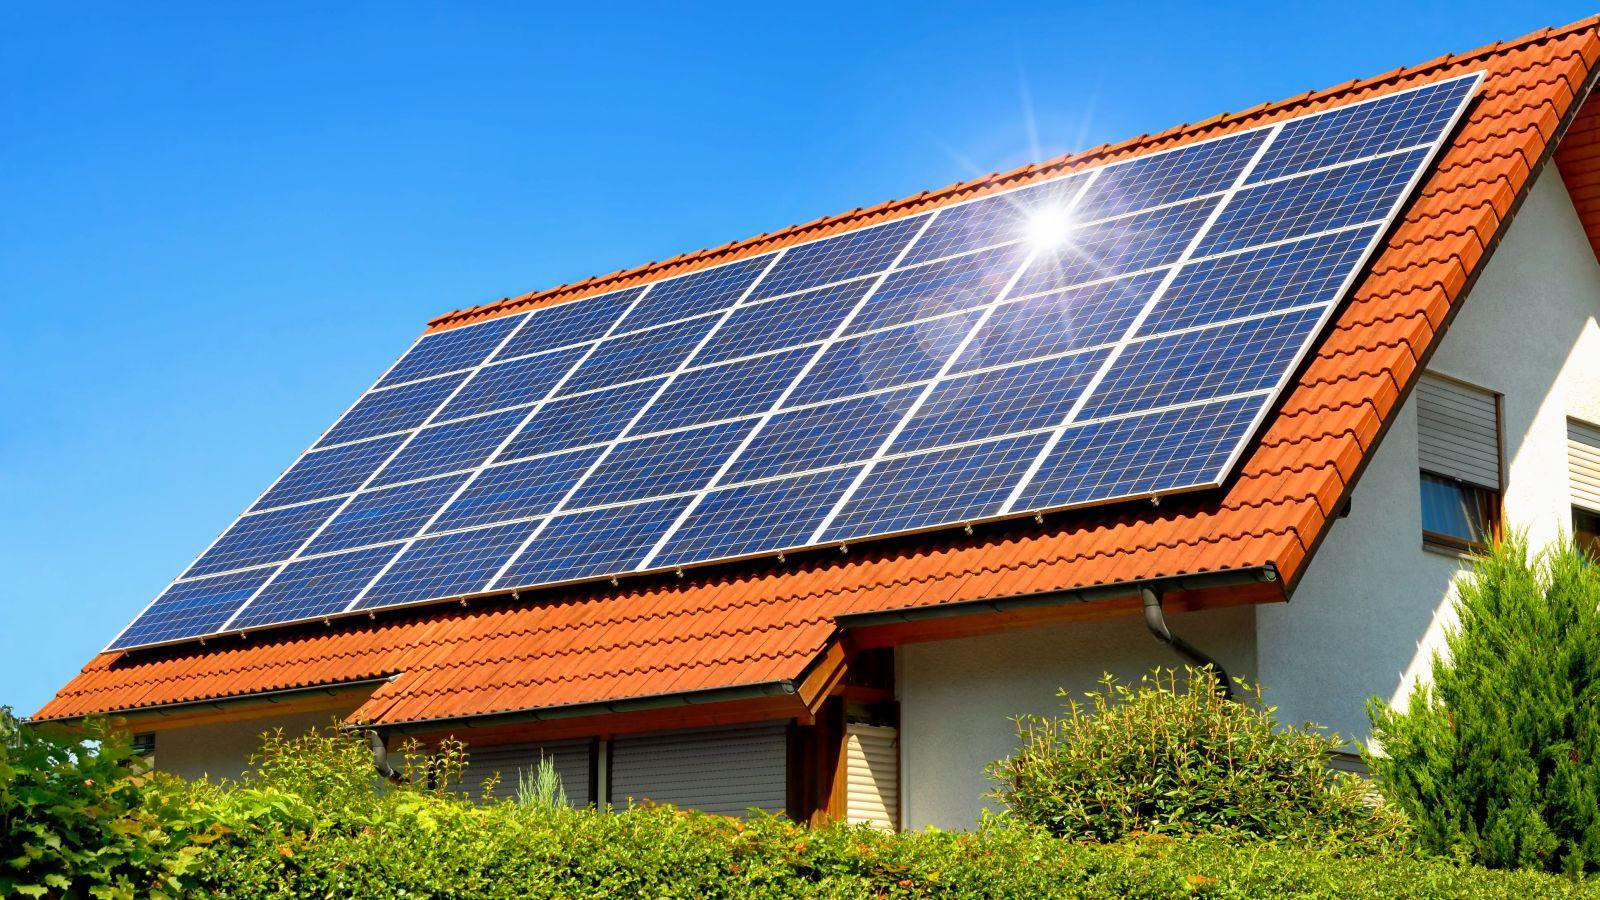 Solardach auf einem Einfamilienhaus © Smileus / Fotalia.de